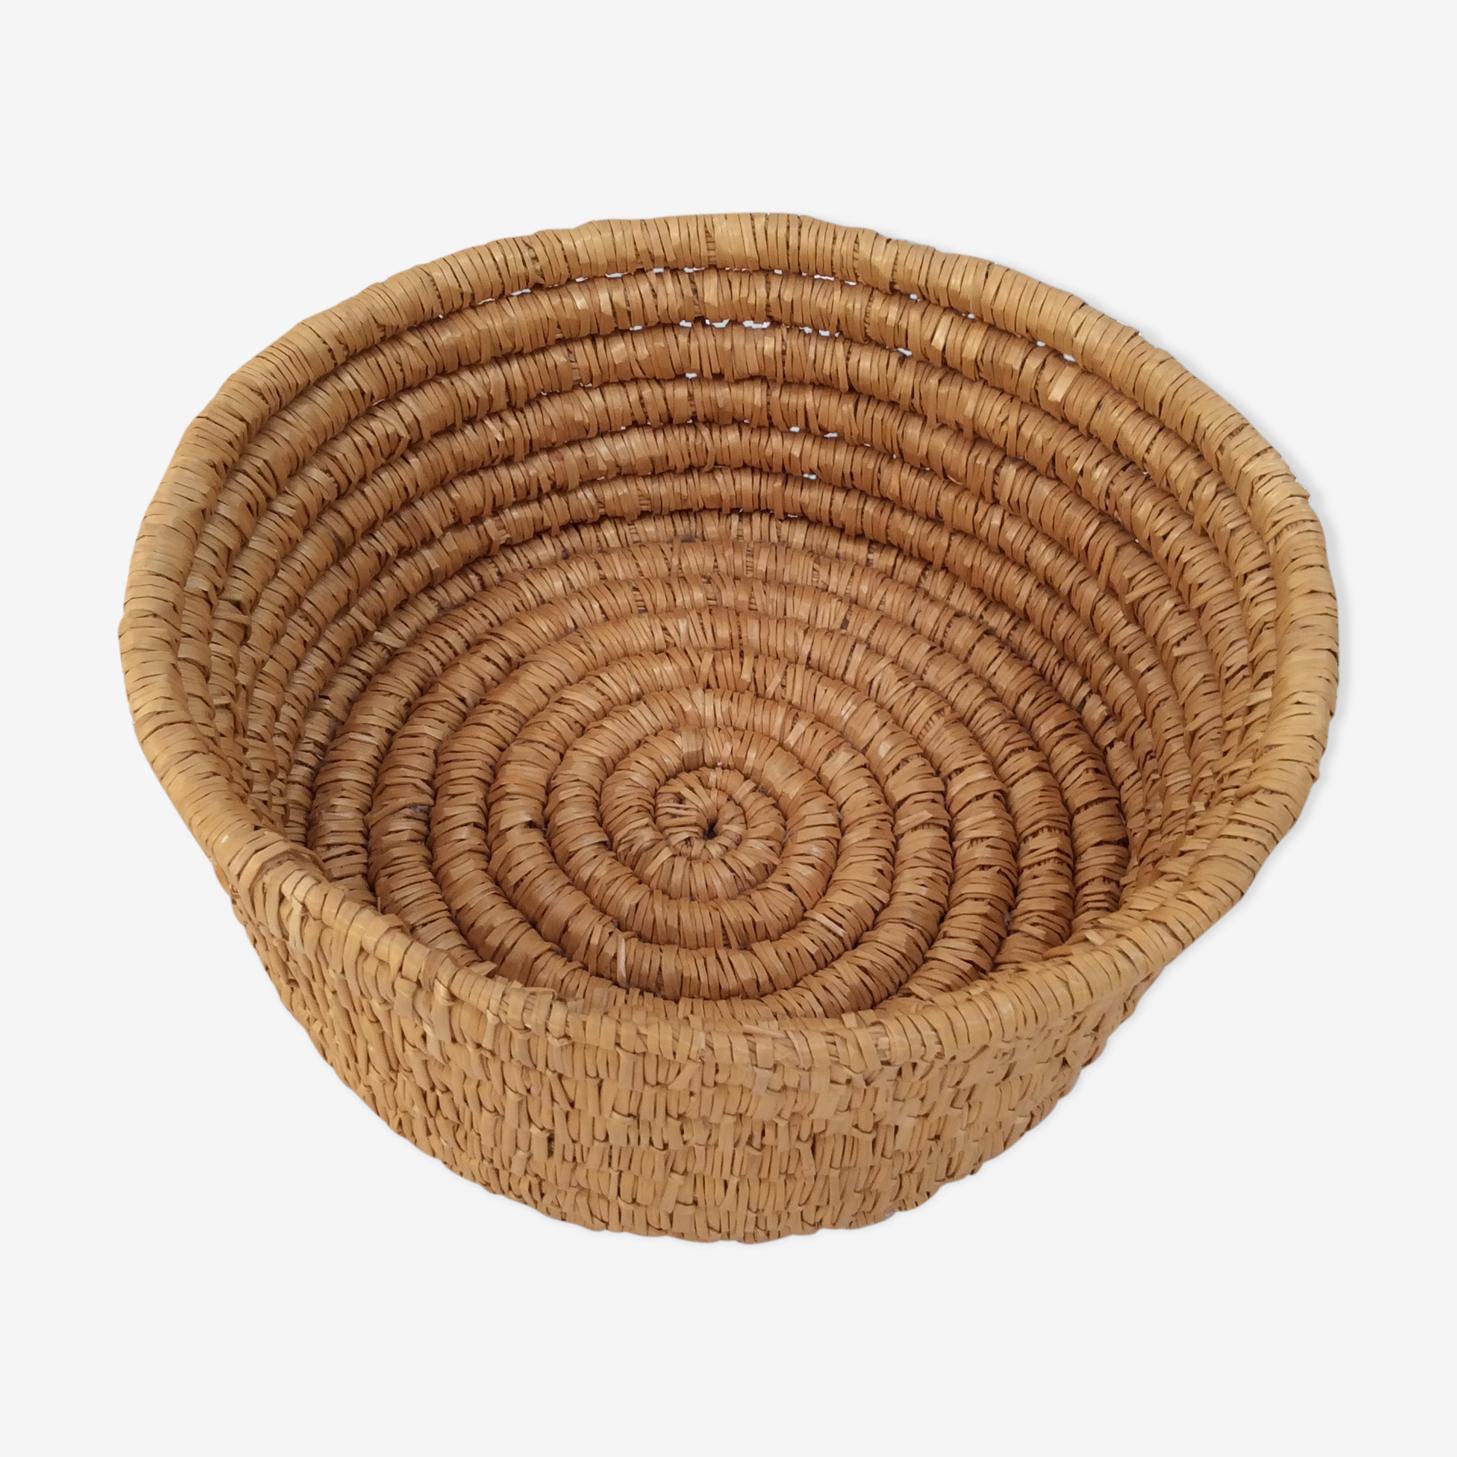 Basket round straw vintage